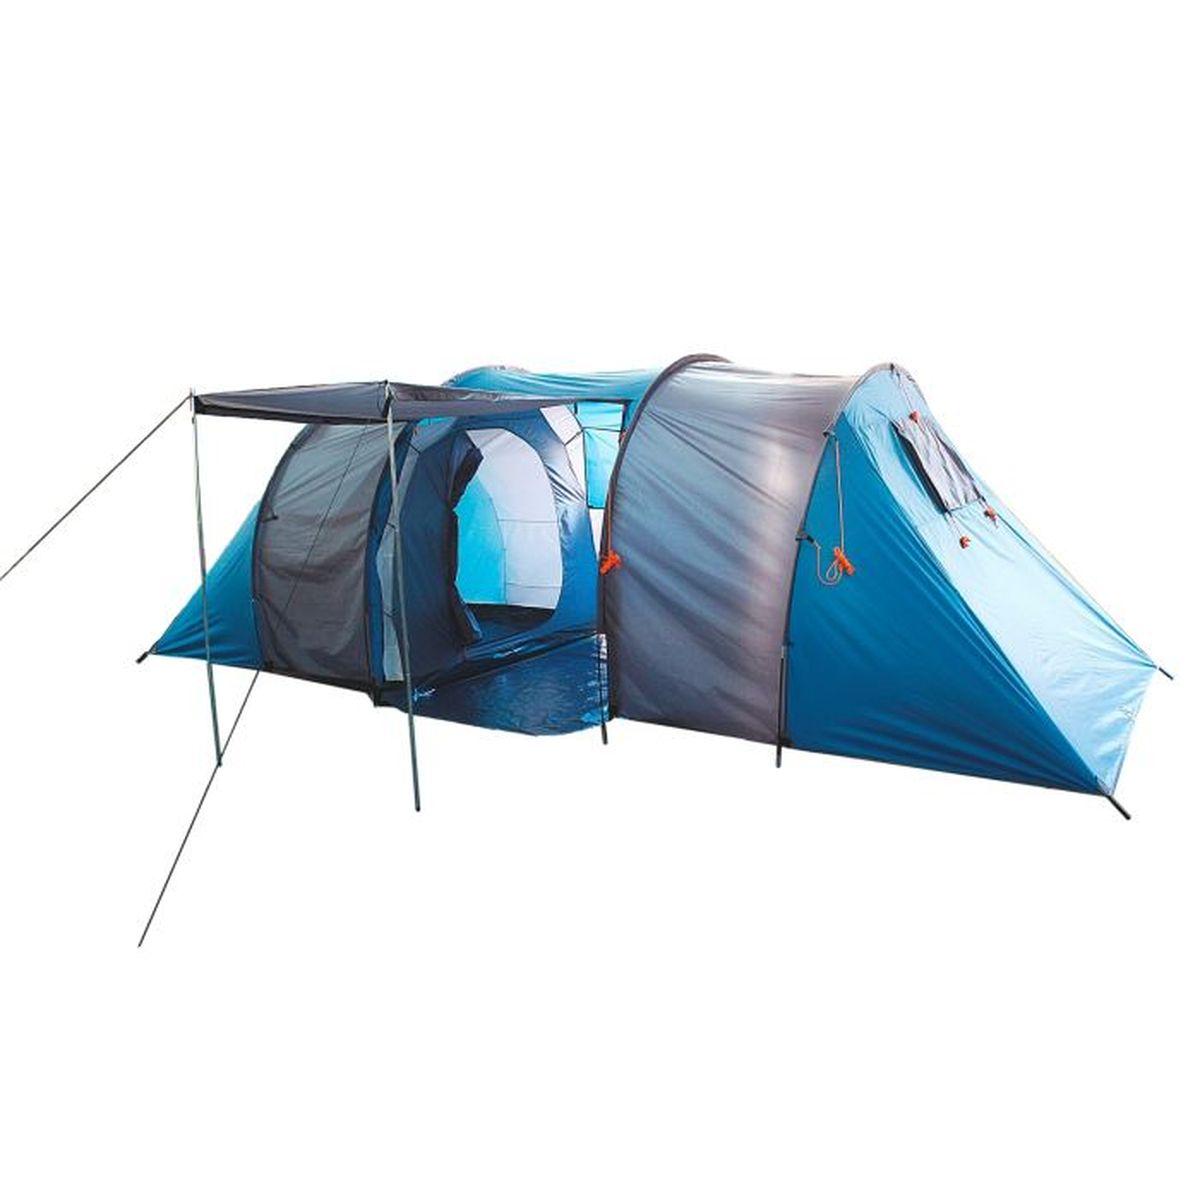 Палатка туристическая Onlitop Canyon 6-местная, цвет: голубой867026Туристическая палатка Onlitop Canyon - это конструкция, которая станет вашим вторым домом в природных условиях. Увеличенное пространство позволяет разместиться сразу всей семье. Она укроет от летнего зноя, непогоды, защитит от насекомых и мелких грызунов. Палатка проста в установке, а сэкономленное на сборке время вы сможете потратить на более приятные развлечения. Большой тамбур вместит все вещи. Шесть вентиляционных окон помогут проветрить палатку, что особенно актуально при такой вместимости. Положите палатку в багажник машины, рюкзак или несите ее за удобные ручки и наслаждайтесь досугом.Конструкция палатки:- 2 палатки объединены общим тамбуром;- 2 входа в тамбур;- отдельный вход в каждую палатку;- перед тамбуром можно установить навес.Внутреннее оснащение:- москитная сетка на входе;- 1 большое окно в тамбуре;- 2 вентиляционных окна в каждой палатке;6 карманов для хранения вещей.Размер палатки: 570 х 240 х 185 см.